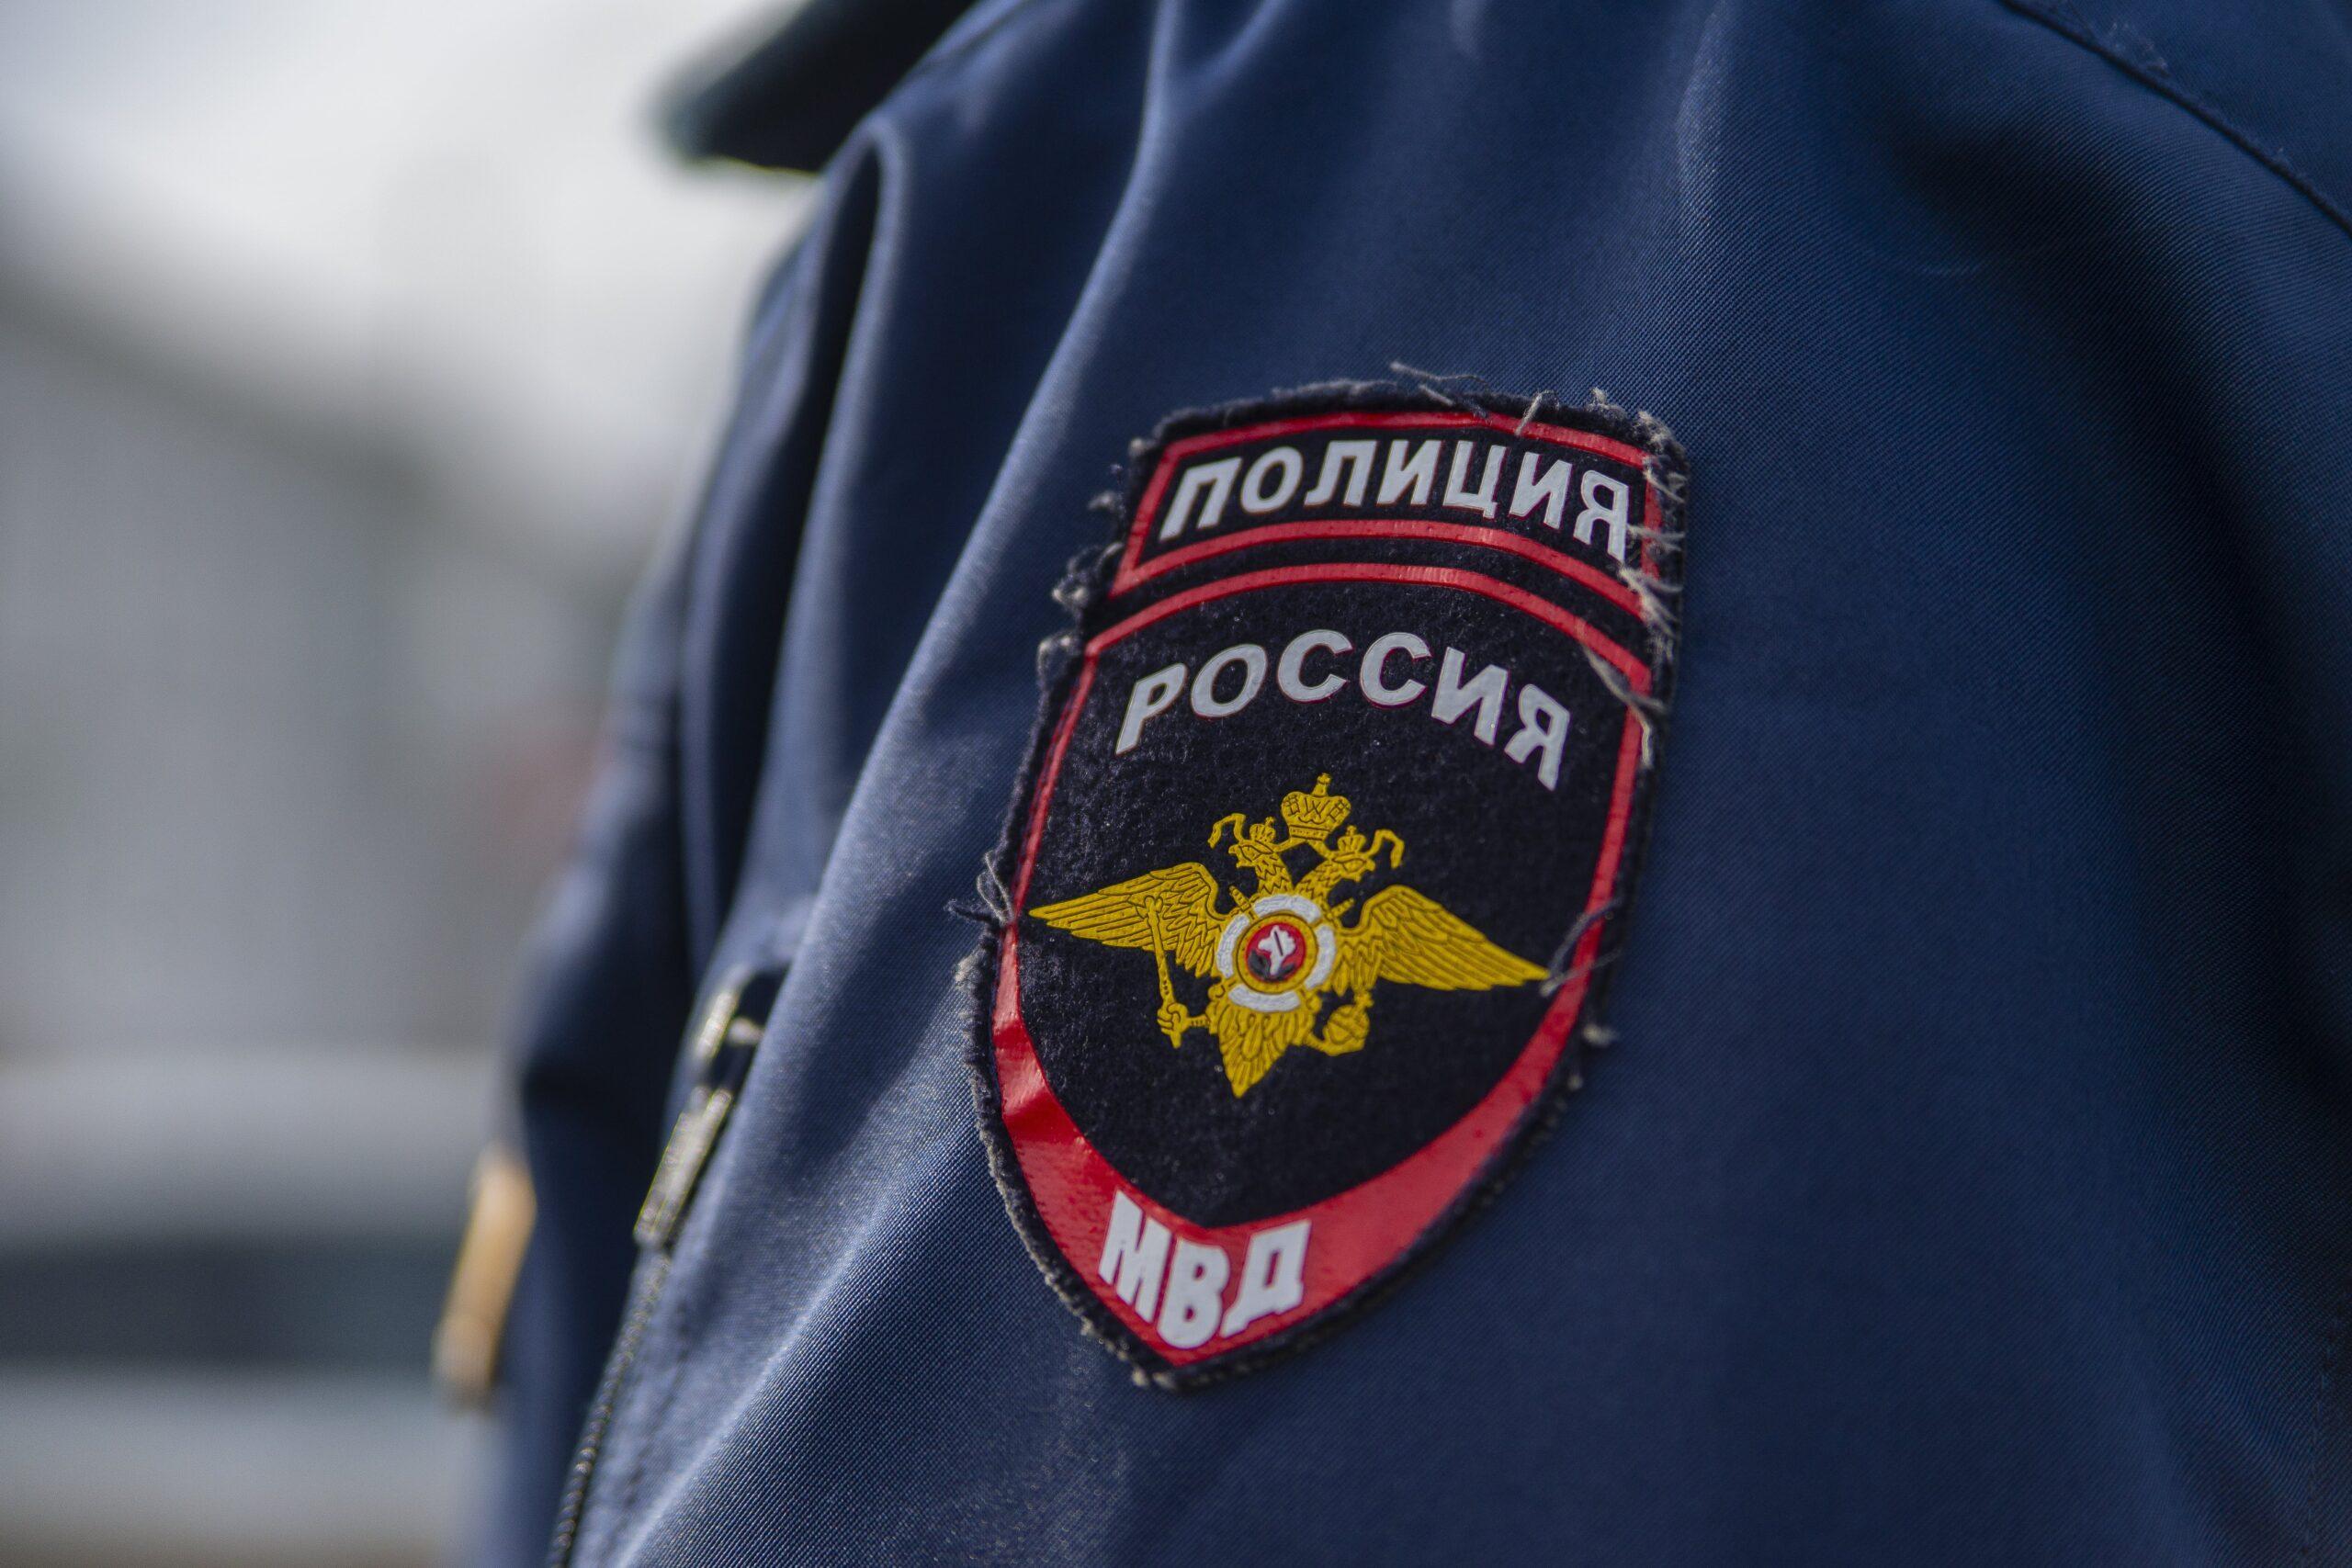 Квартирную кражу в Тверской области раскрыли по горячим следам